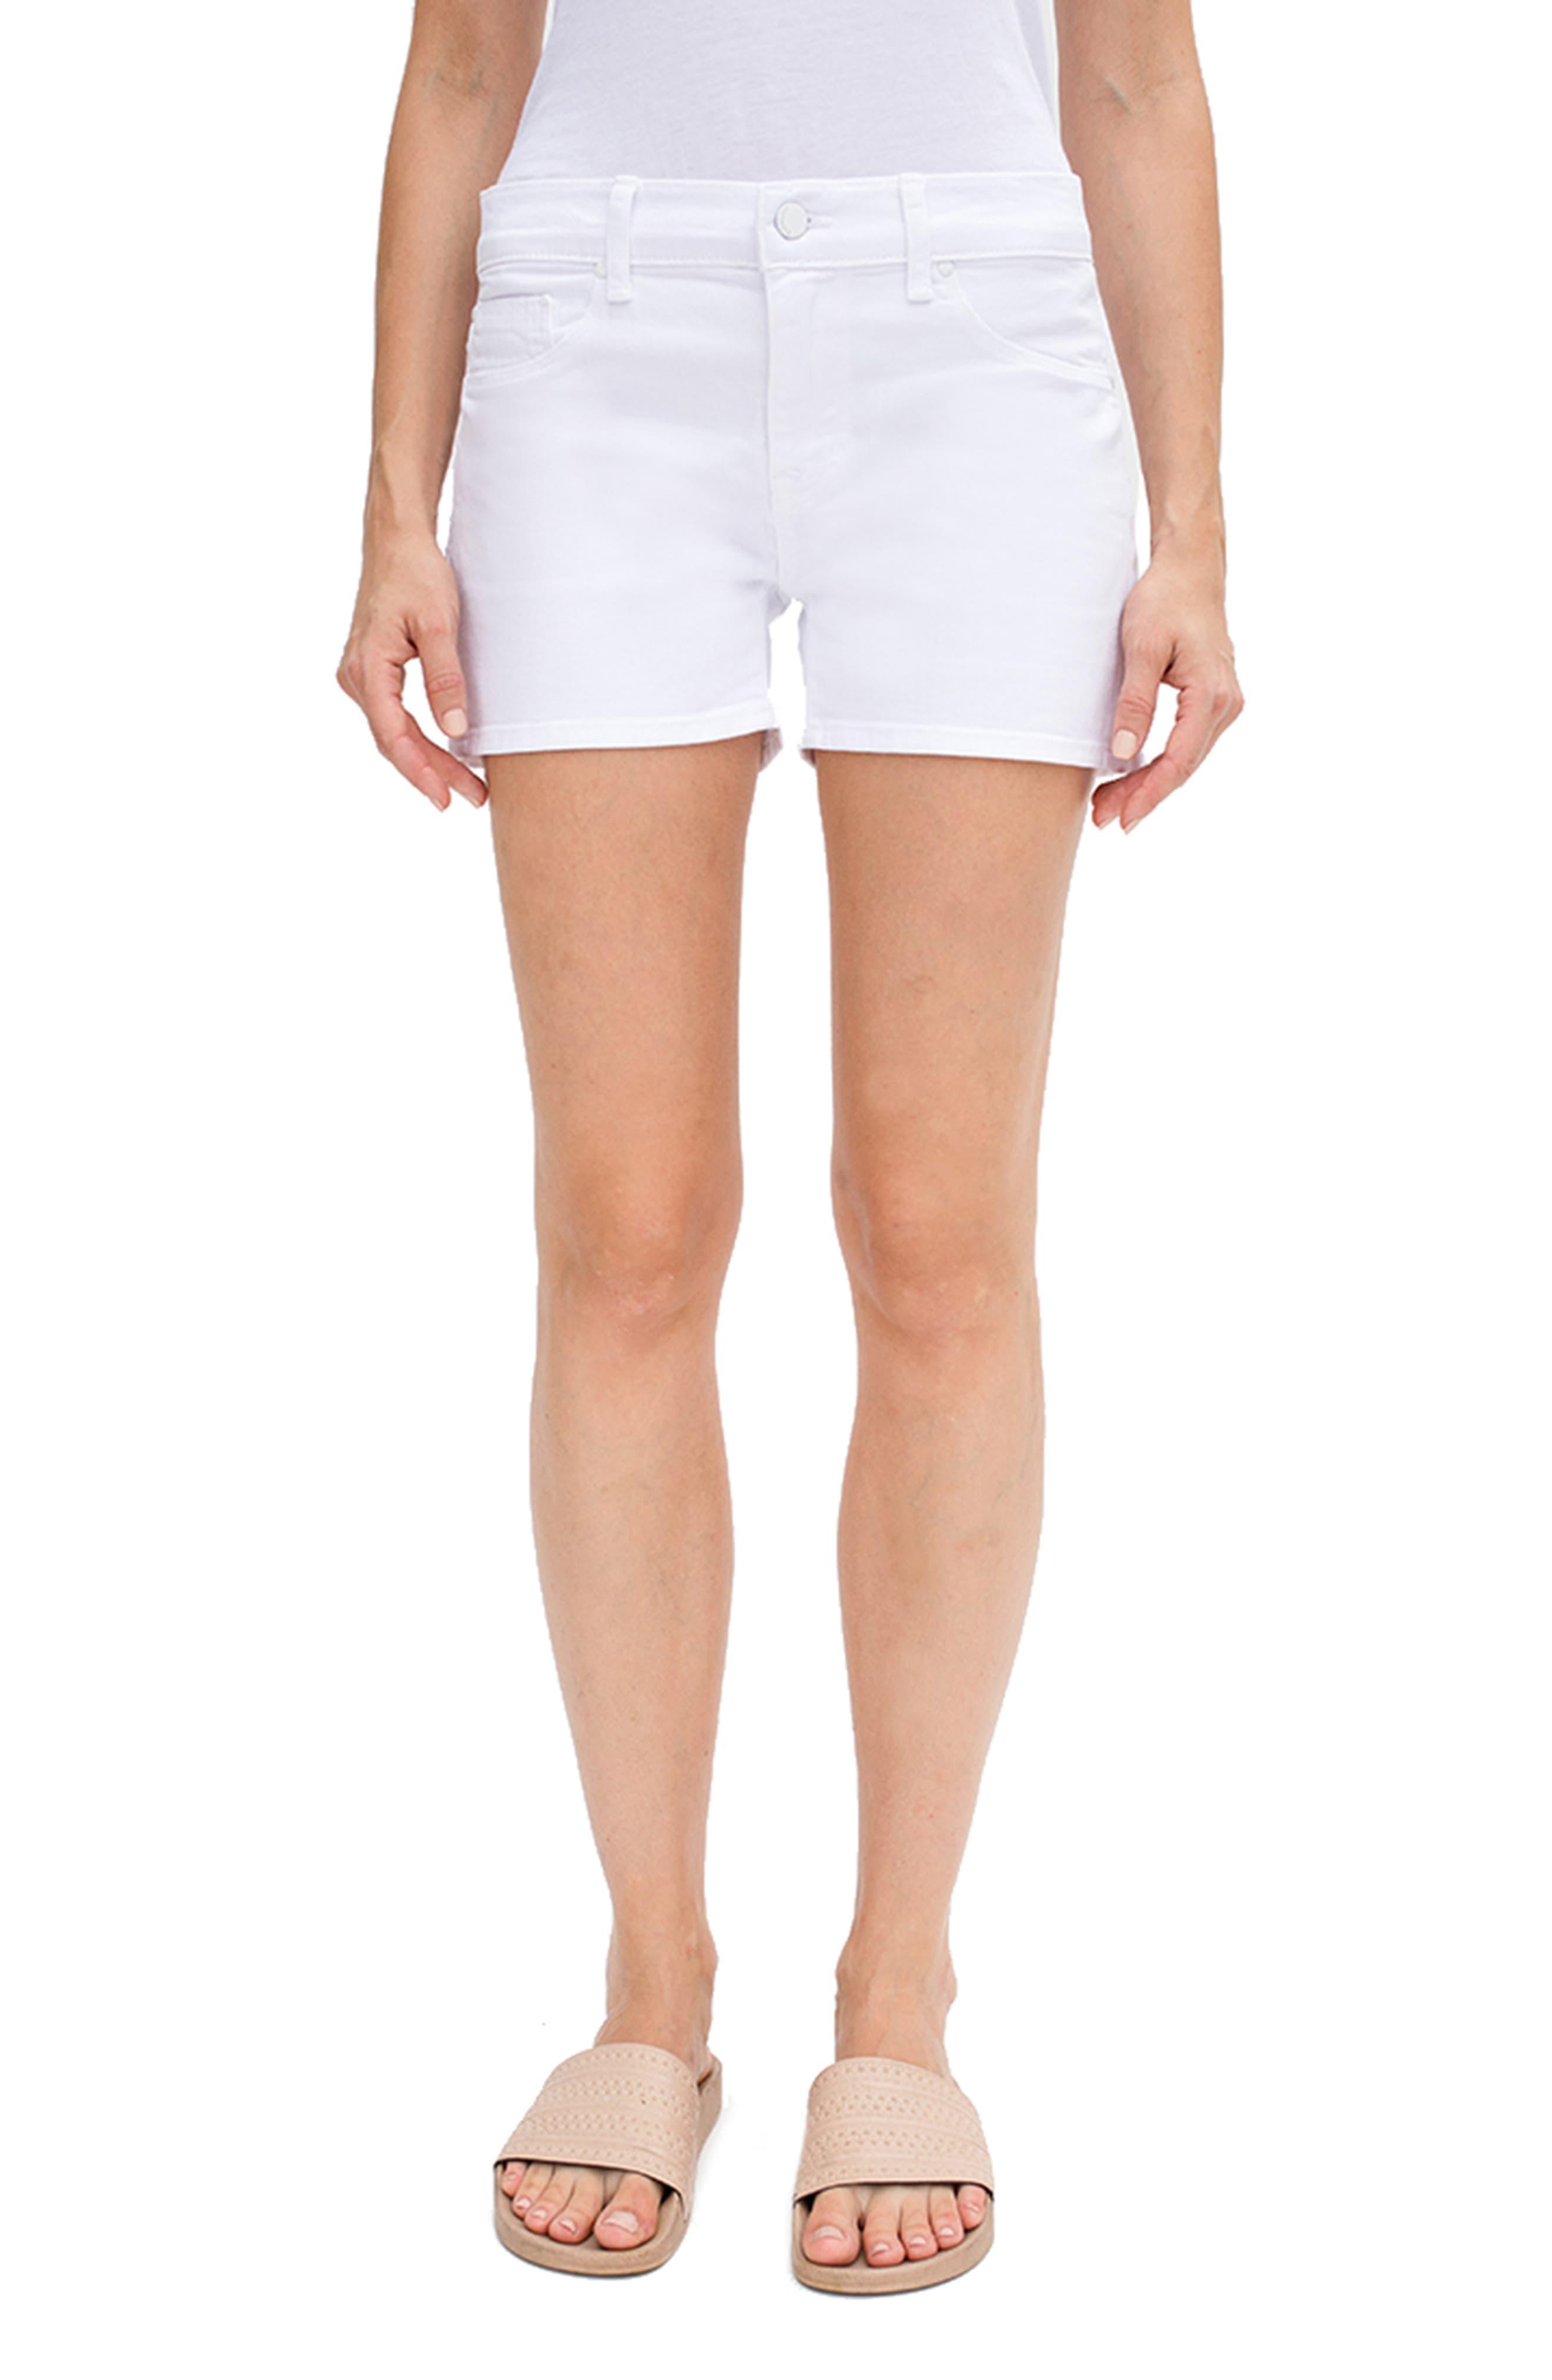 Malibu High Waist Denim Shorts